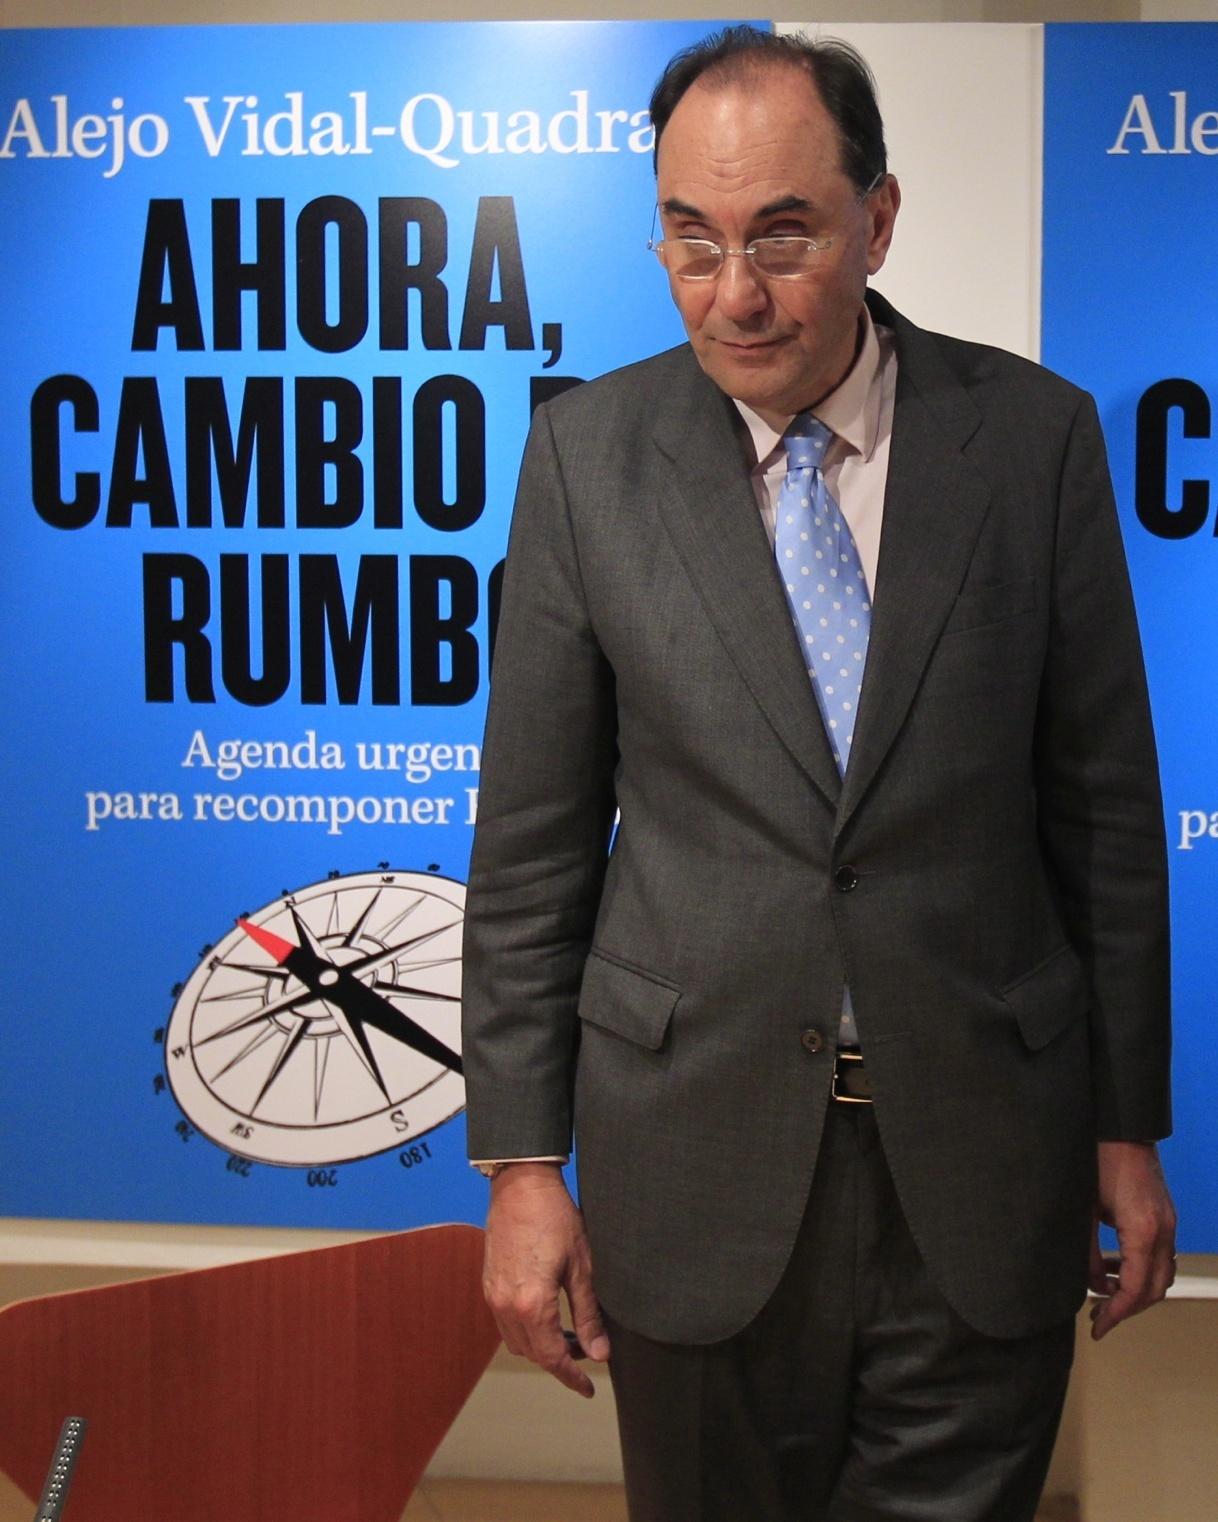 Vidal-Quadras responde al PP que tampoco iría en su lista si se lo ofreciese y no desvela su futuro político